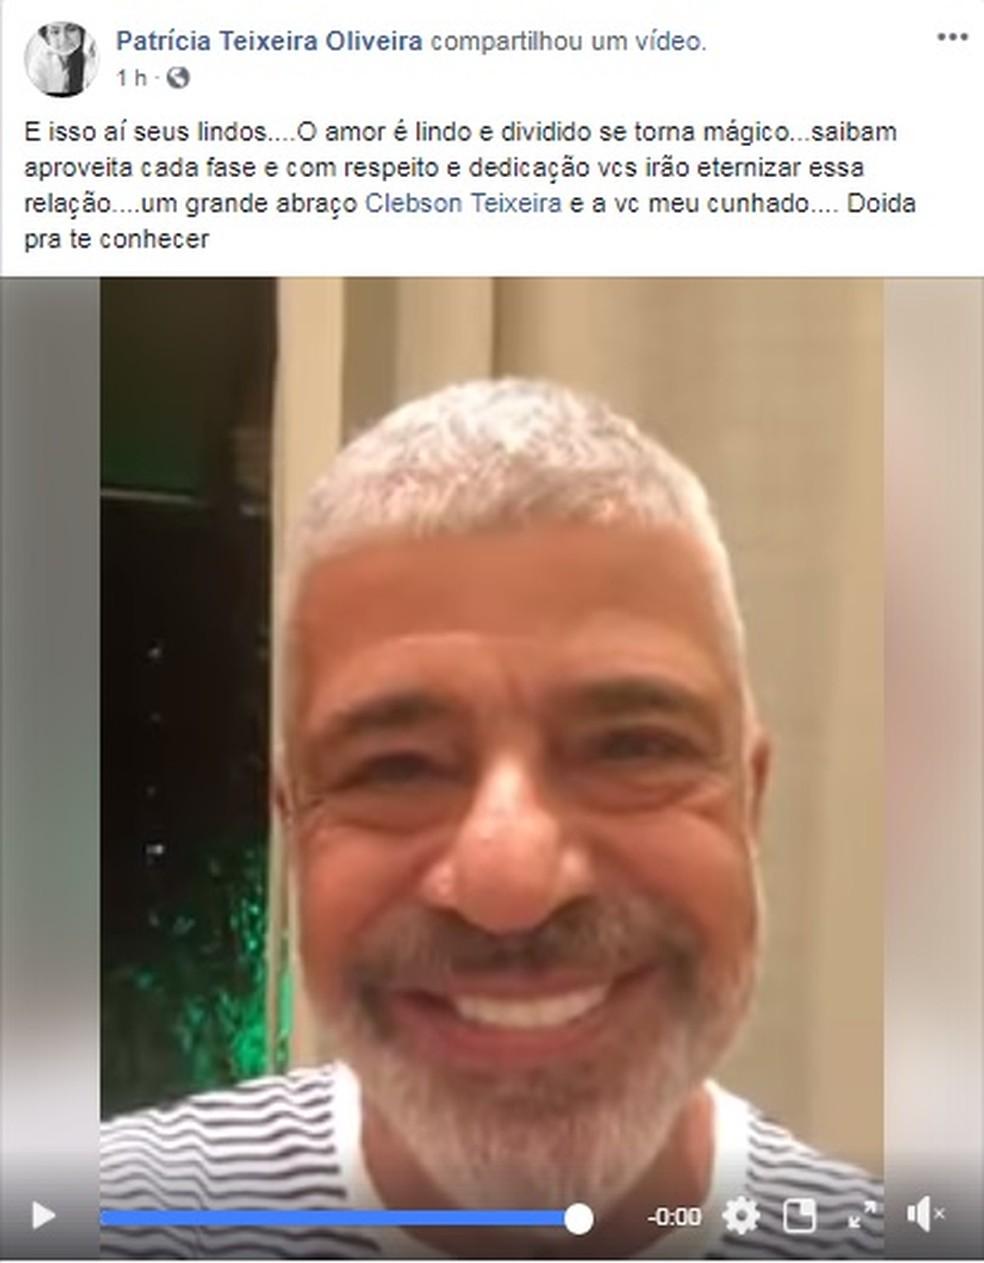 Patrícia Teixeira, irmã de Clebson Teixeira, resposta vídeo de Lulu Santos (Foto: Reprodução/Facebook)